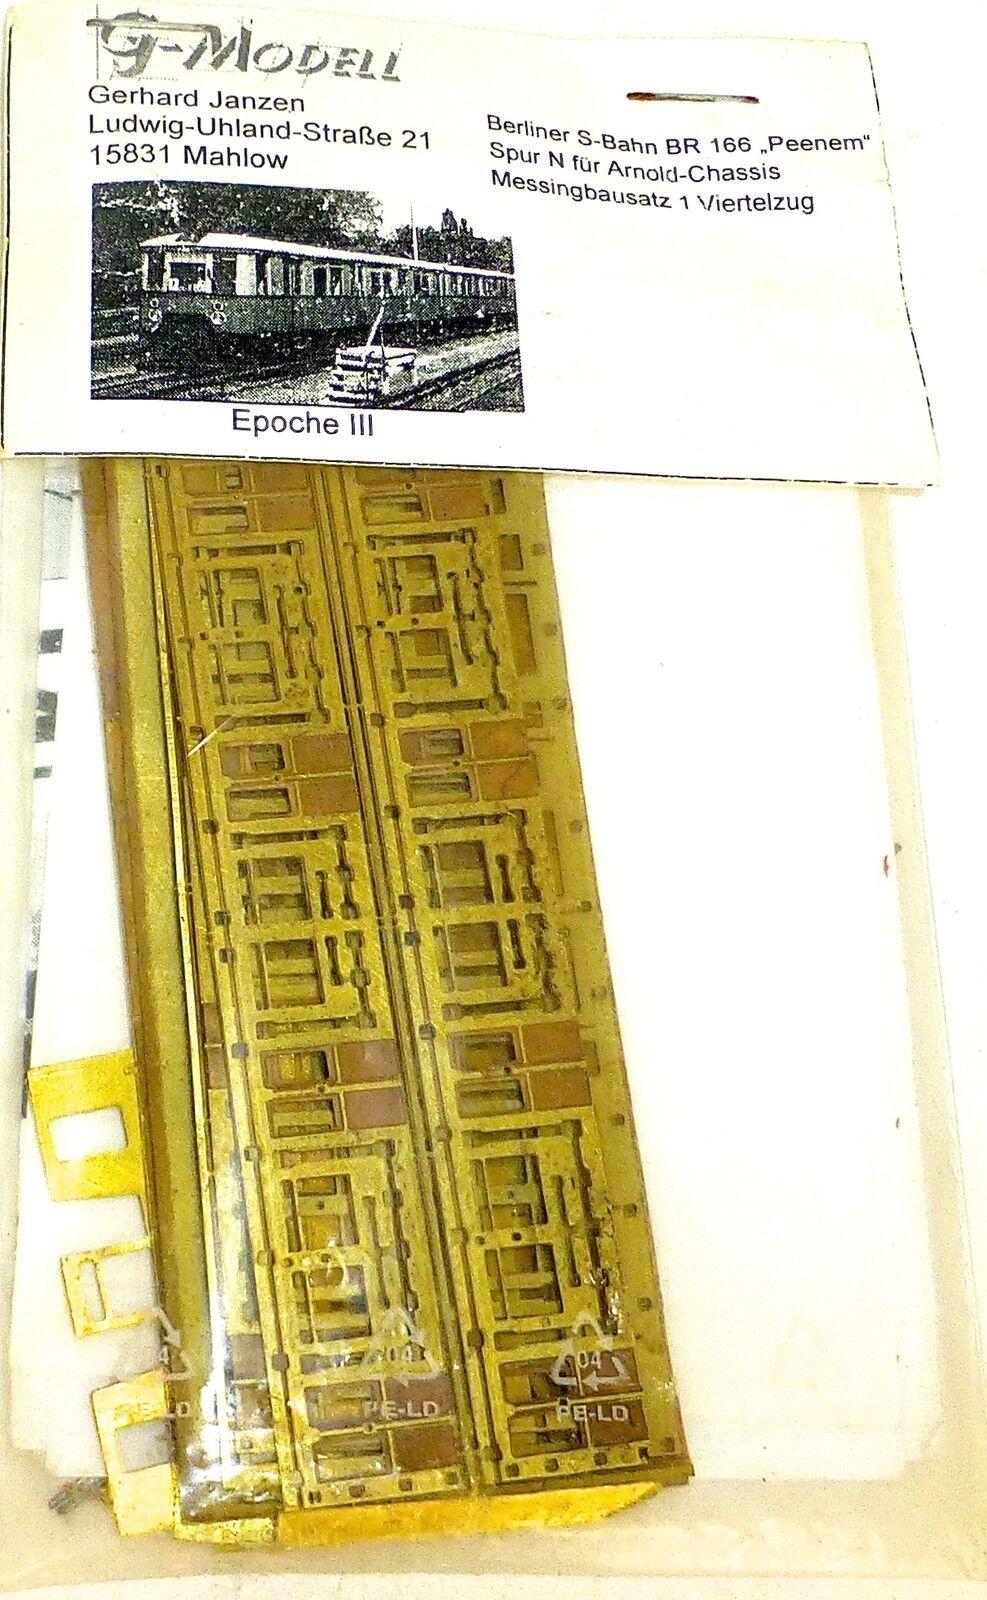 Br 166 peenem ep3 s bahn Messing bausatz g Modell mahlow 1 160 N brass kit å